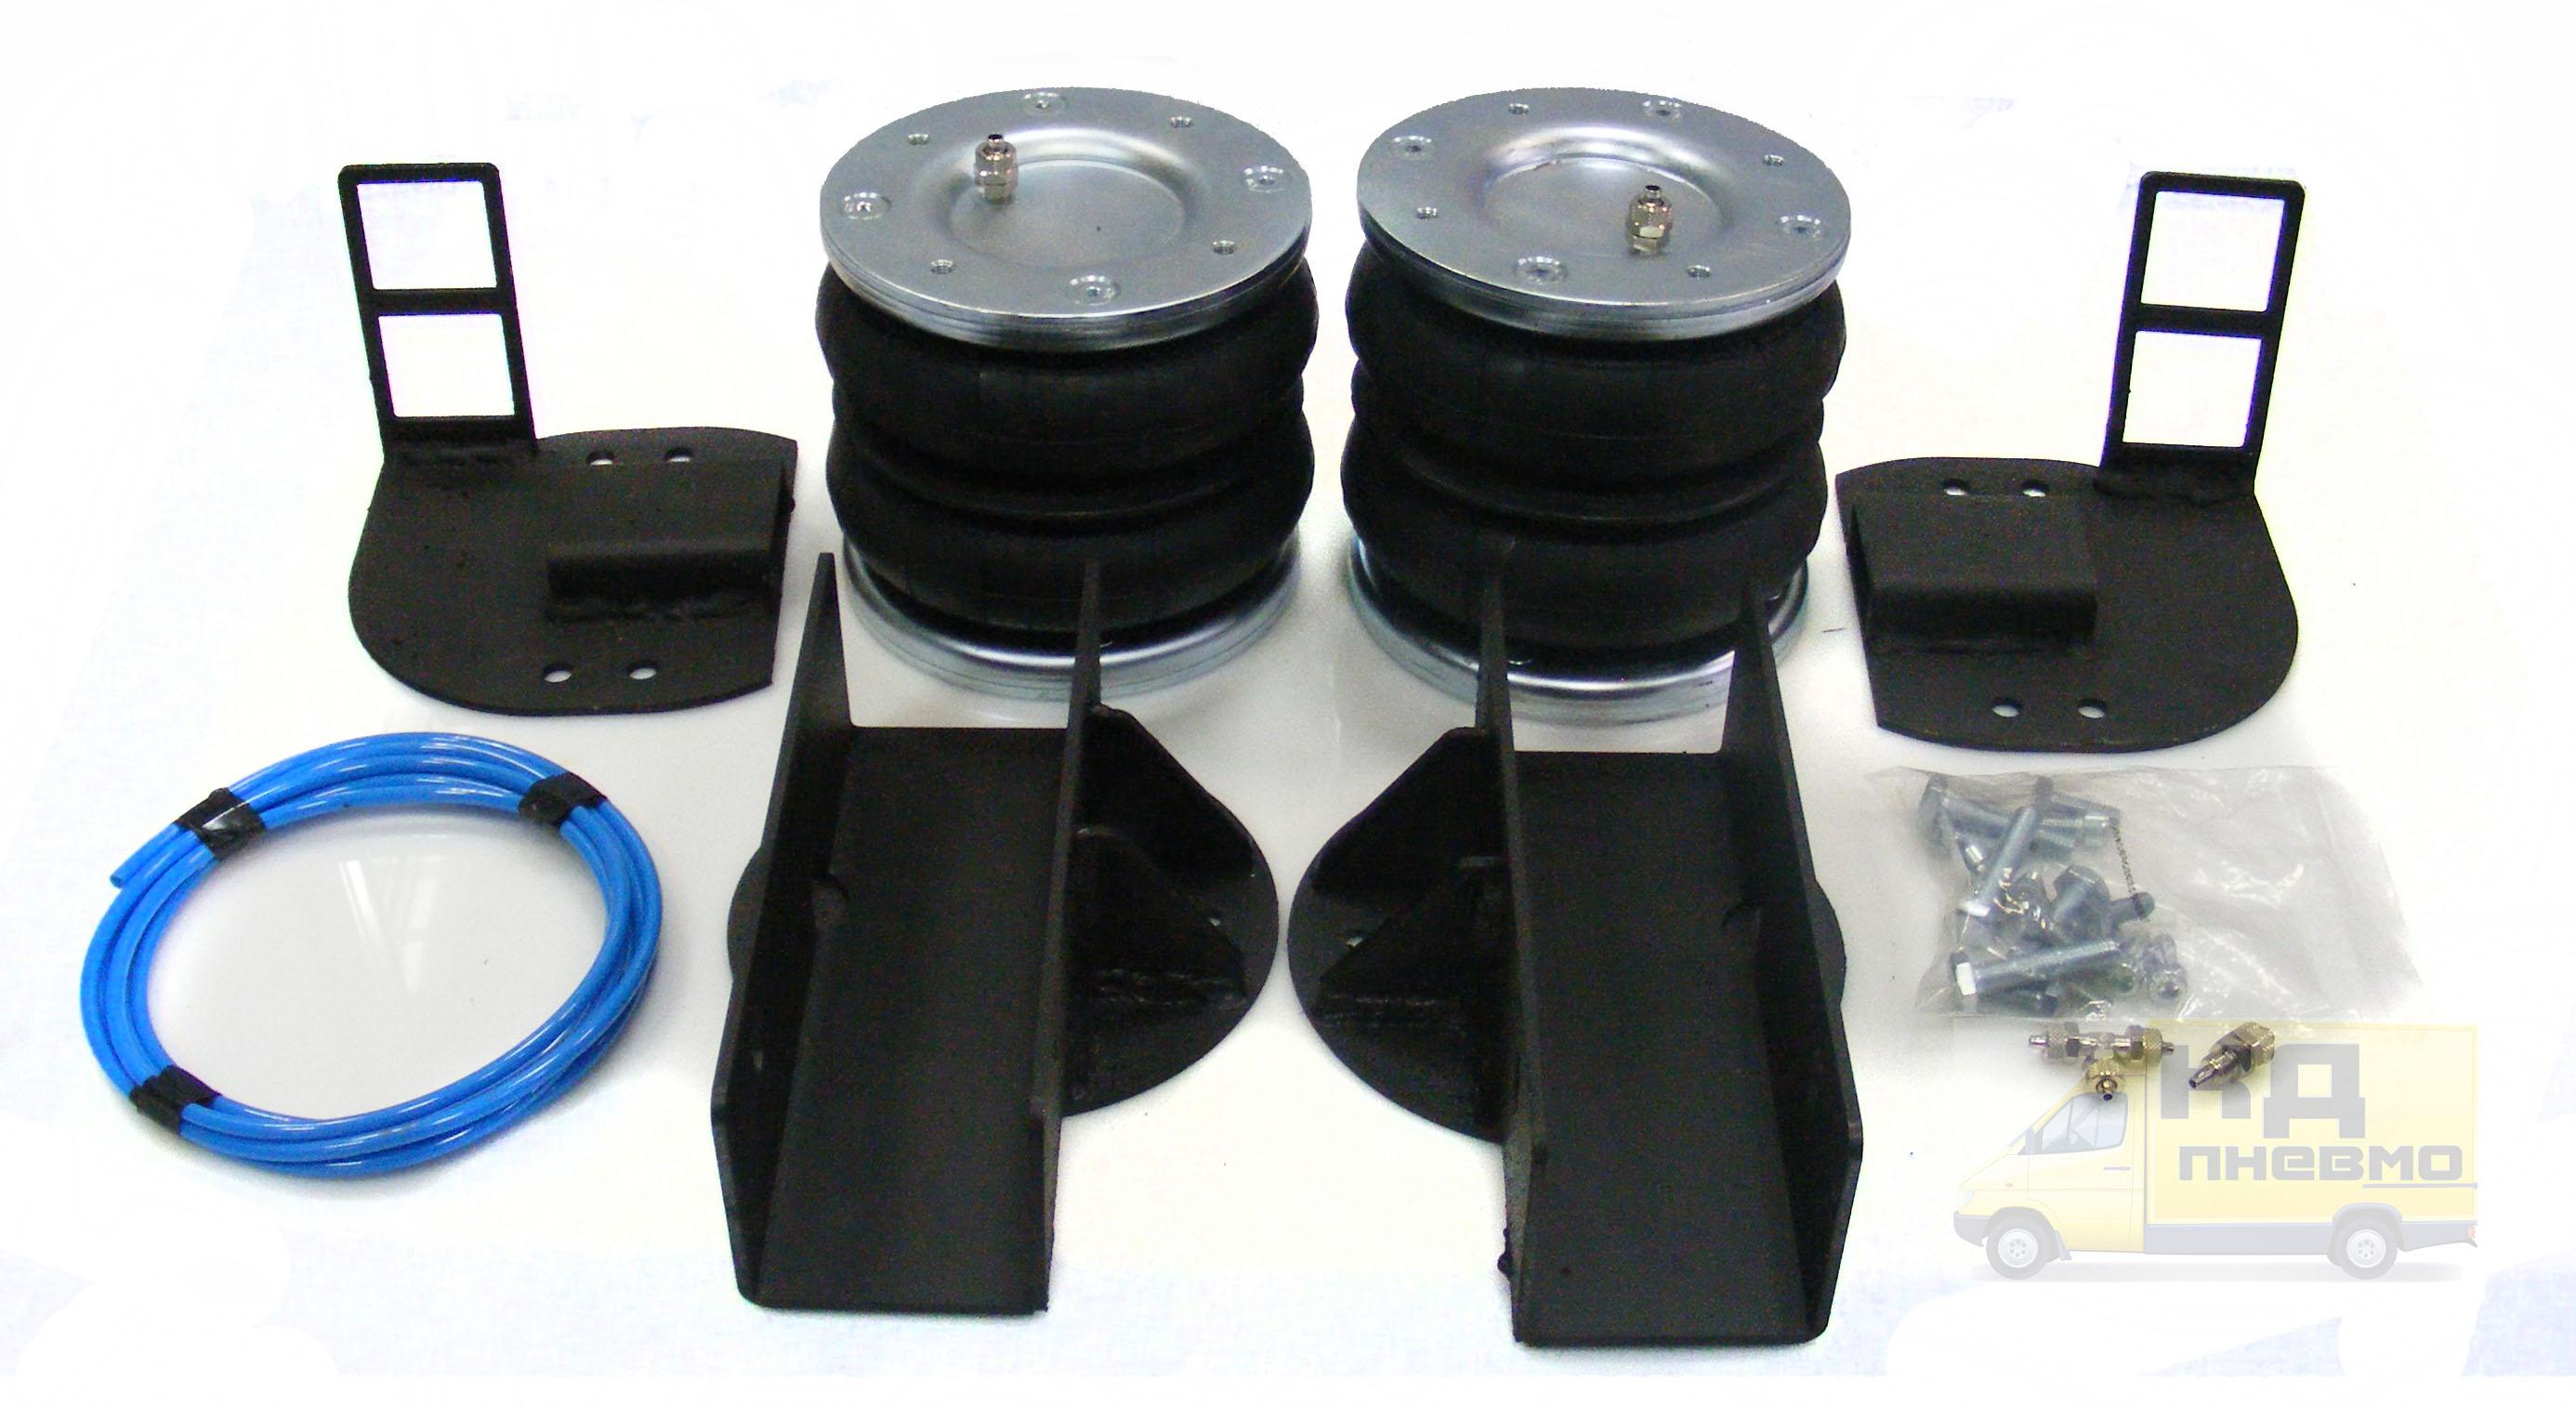 Пневмоподвеска для Volkswagen Crafter / LT28 / LT35 / LT46 с системой управления